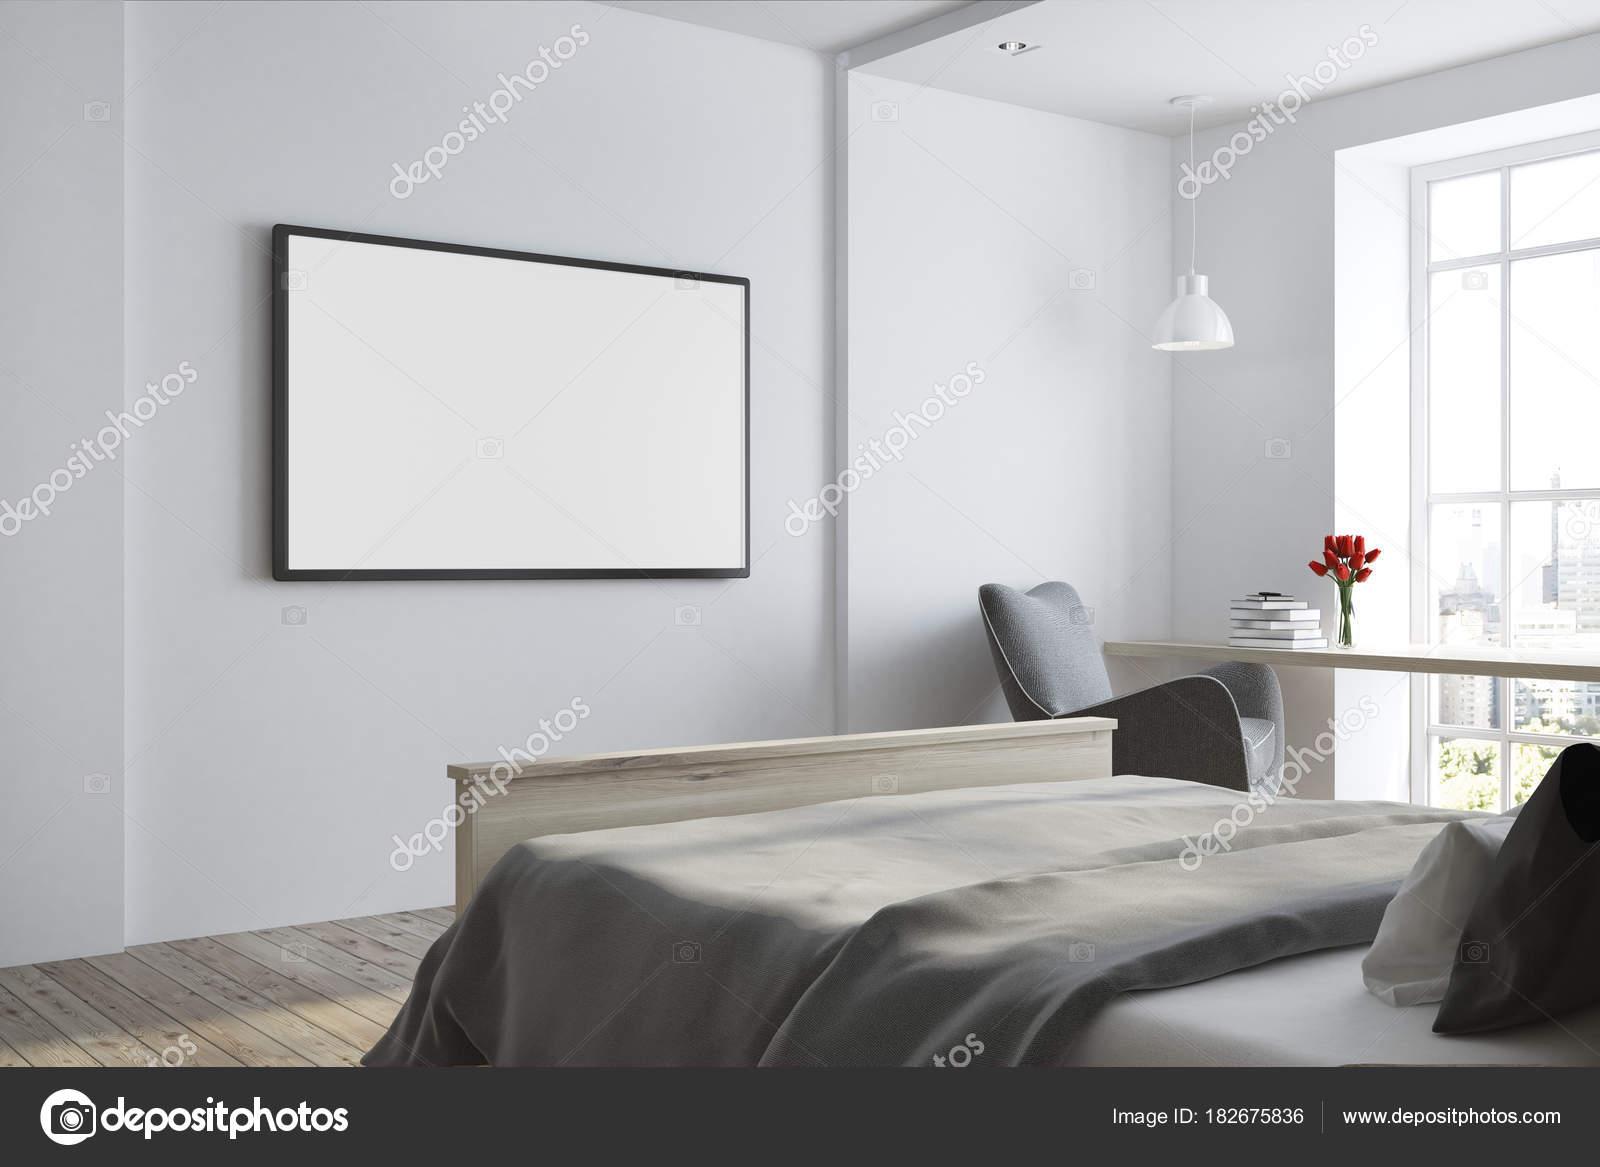 Seitlicher Blick Auf Eine Weiße Schlafzimmer Mit Fernseher Auf Eine Weiße  Wand Und Eine Graue Decke Bett. 3D Rendering Mock Up U2014 Foto Von  Denisismagilov